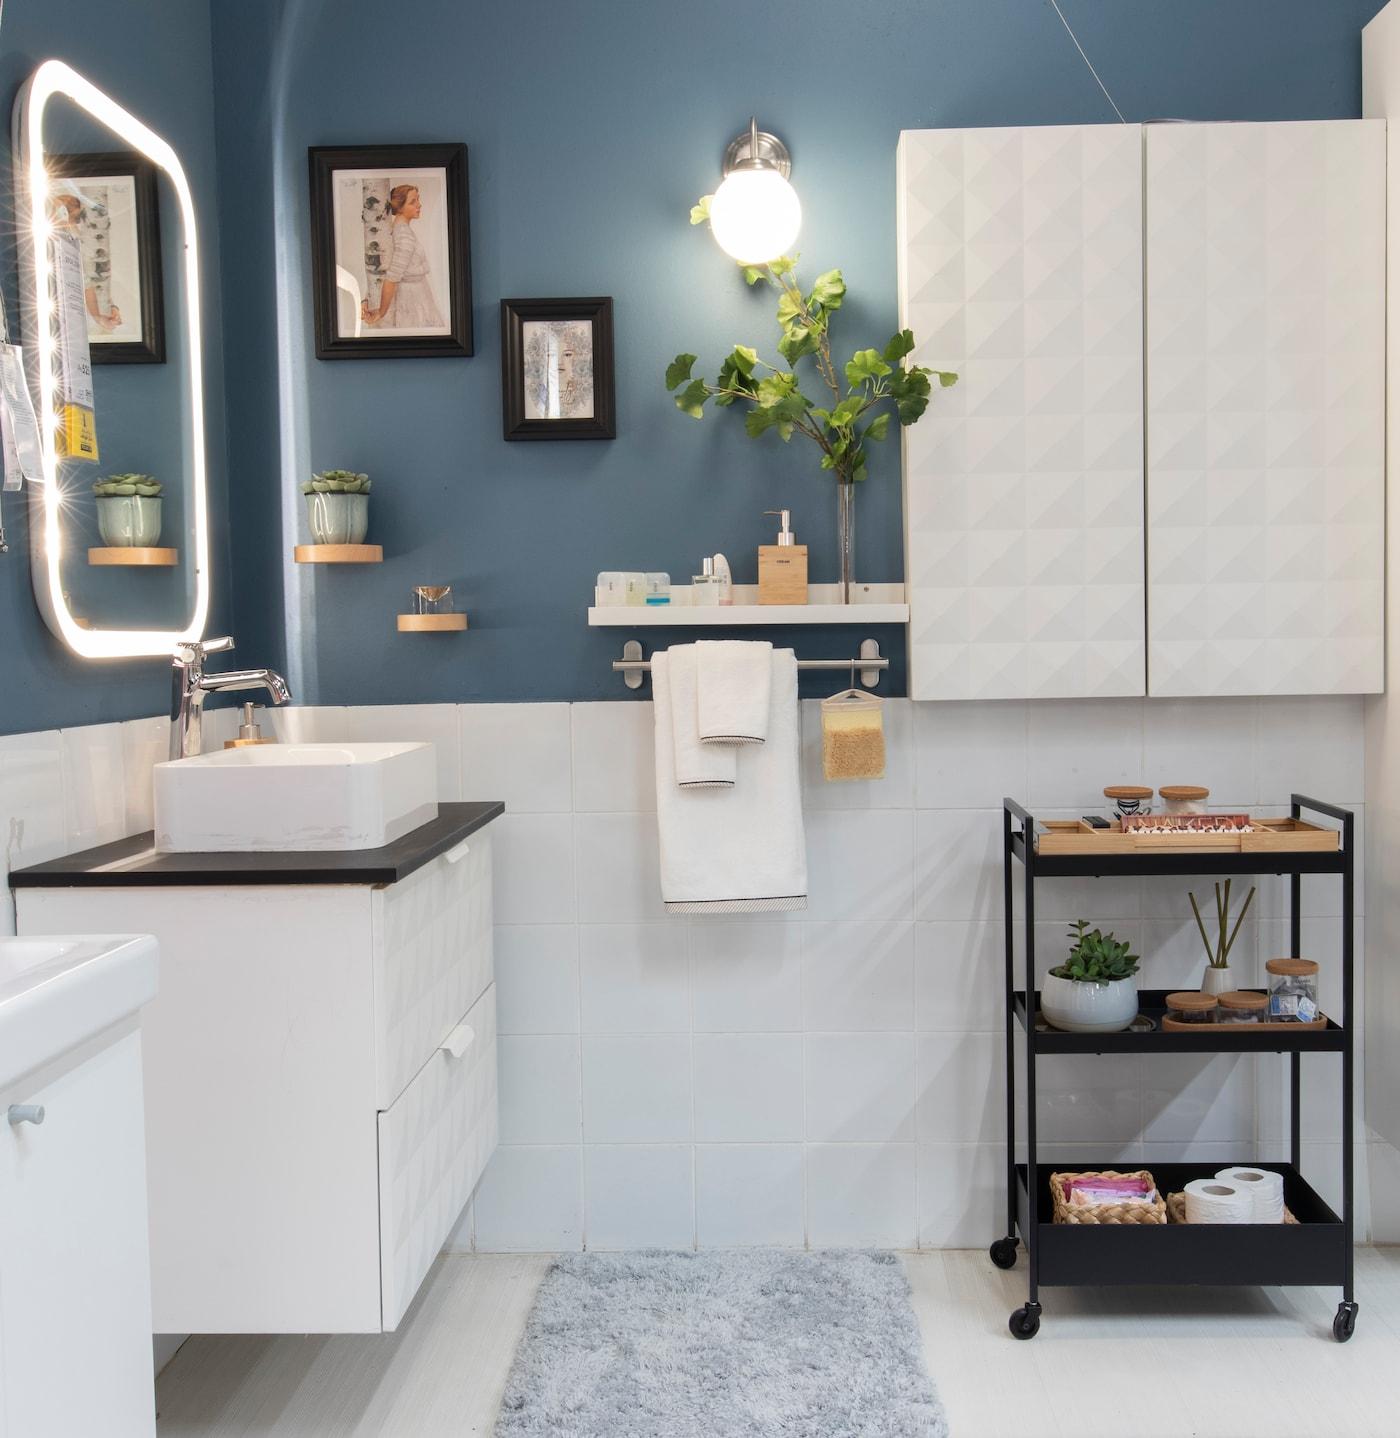 حوض وحنفية على جدار أزرق، مع مرآة وإضاءة.